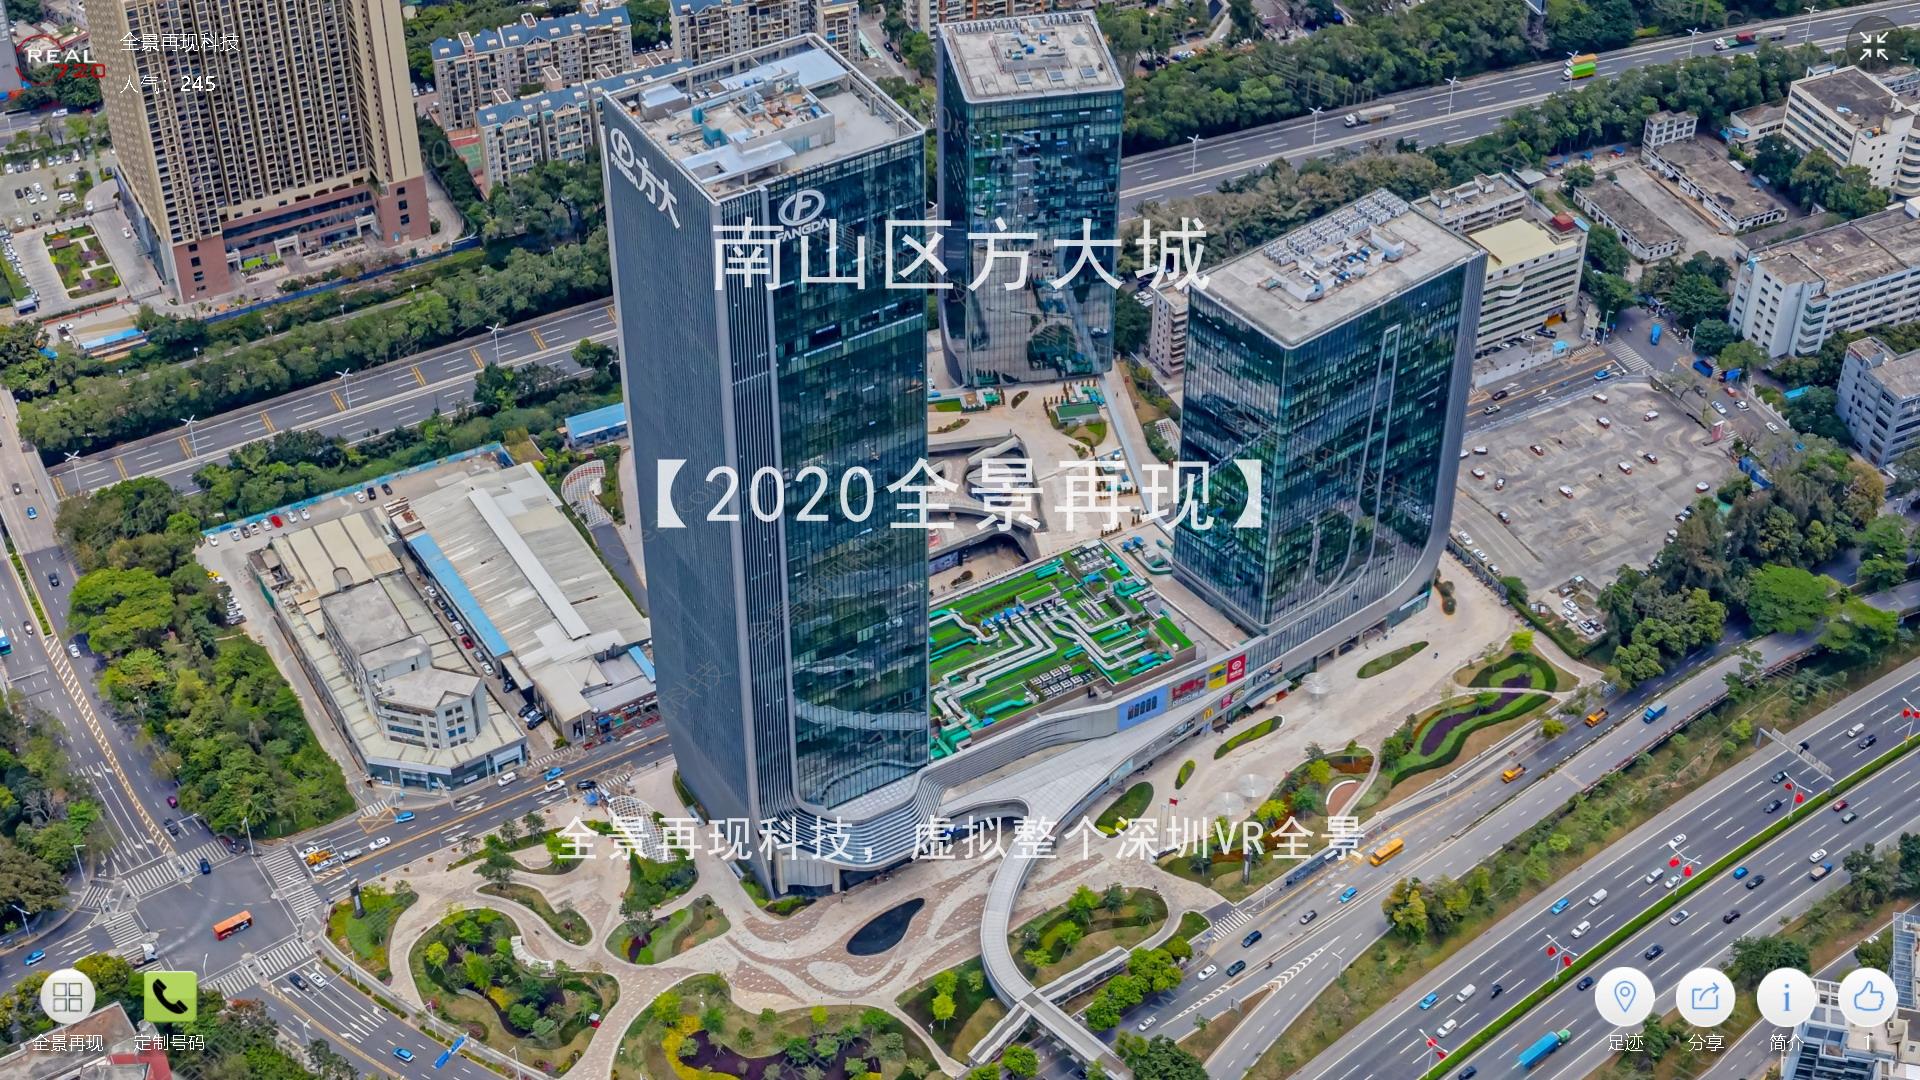 1612364288276084.jpg (1920×1080)